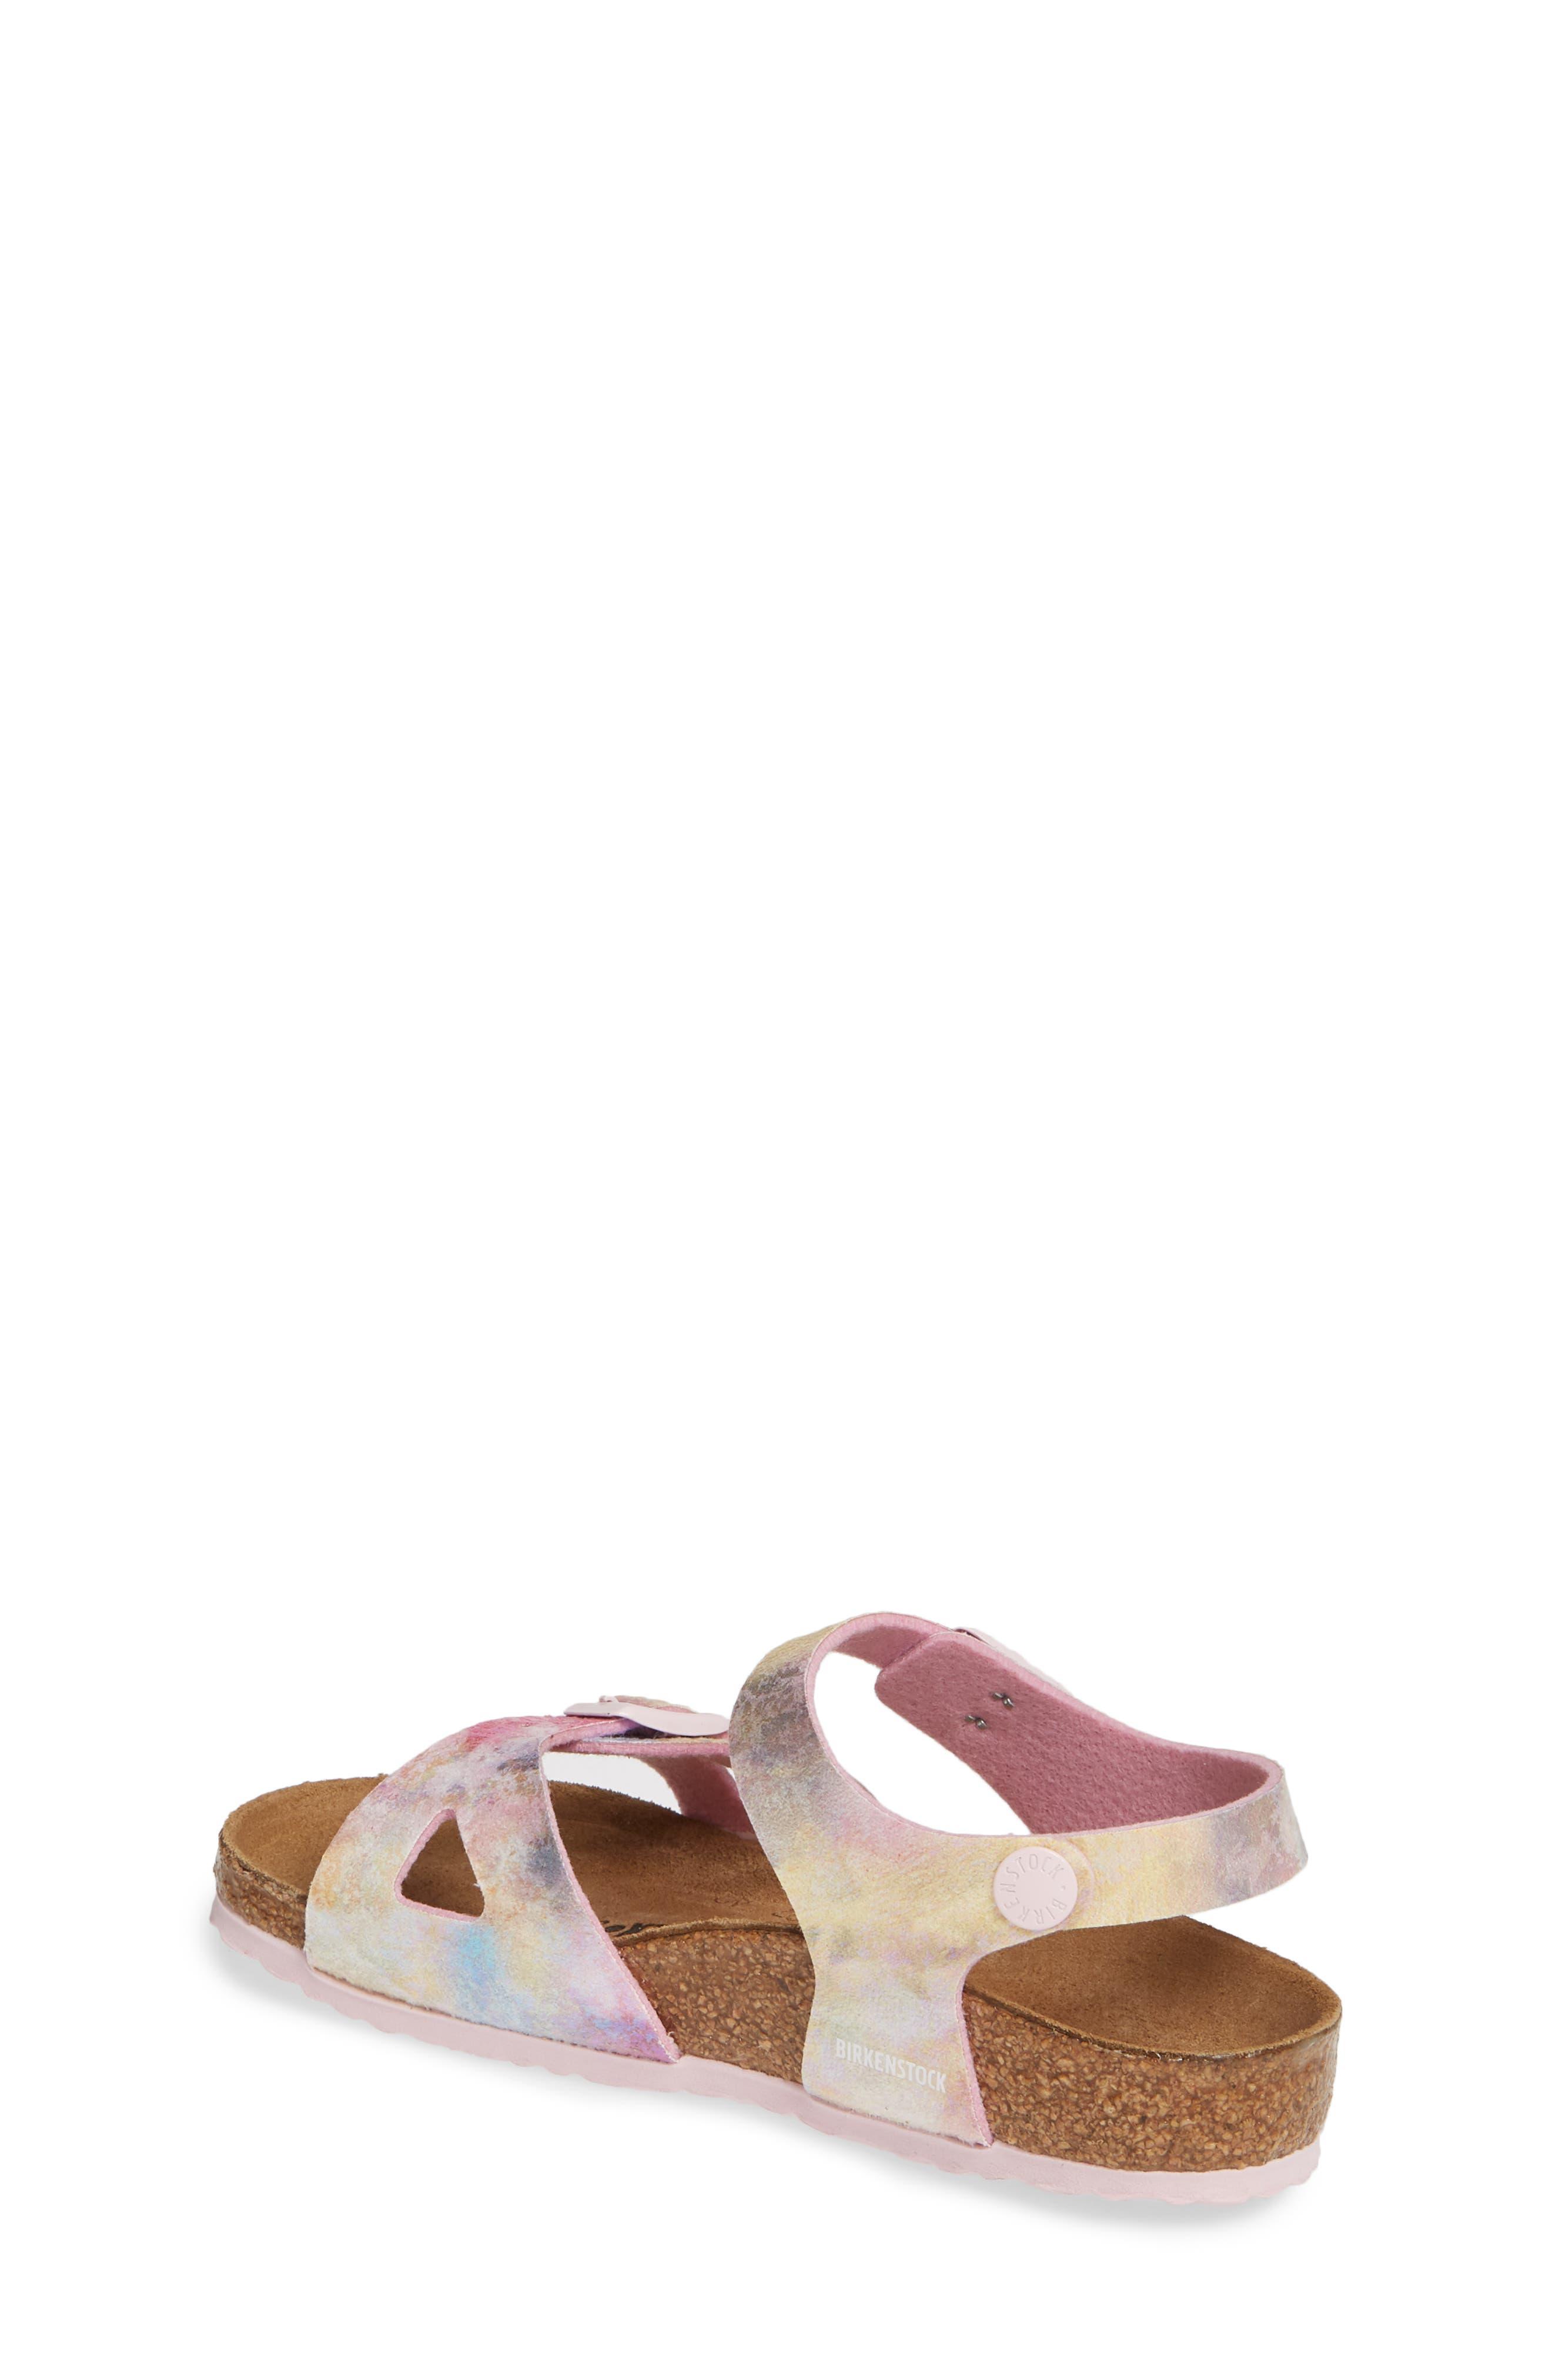 984c8442dcc Kids  Birkenstock Shoes